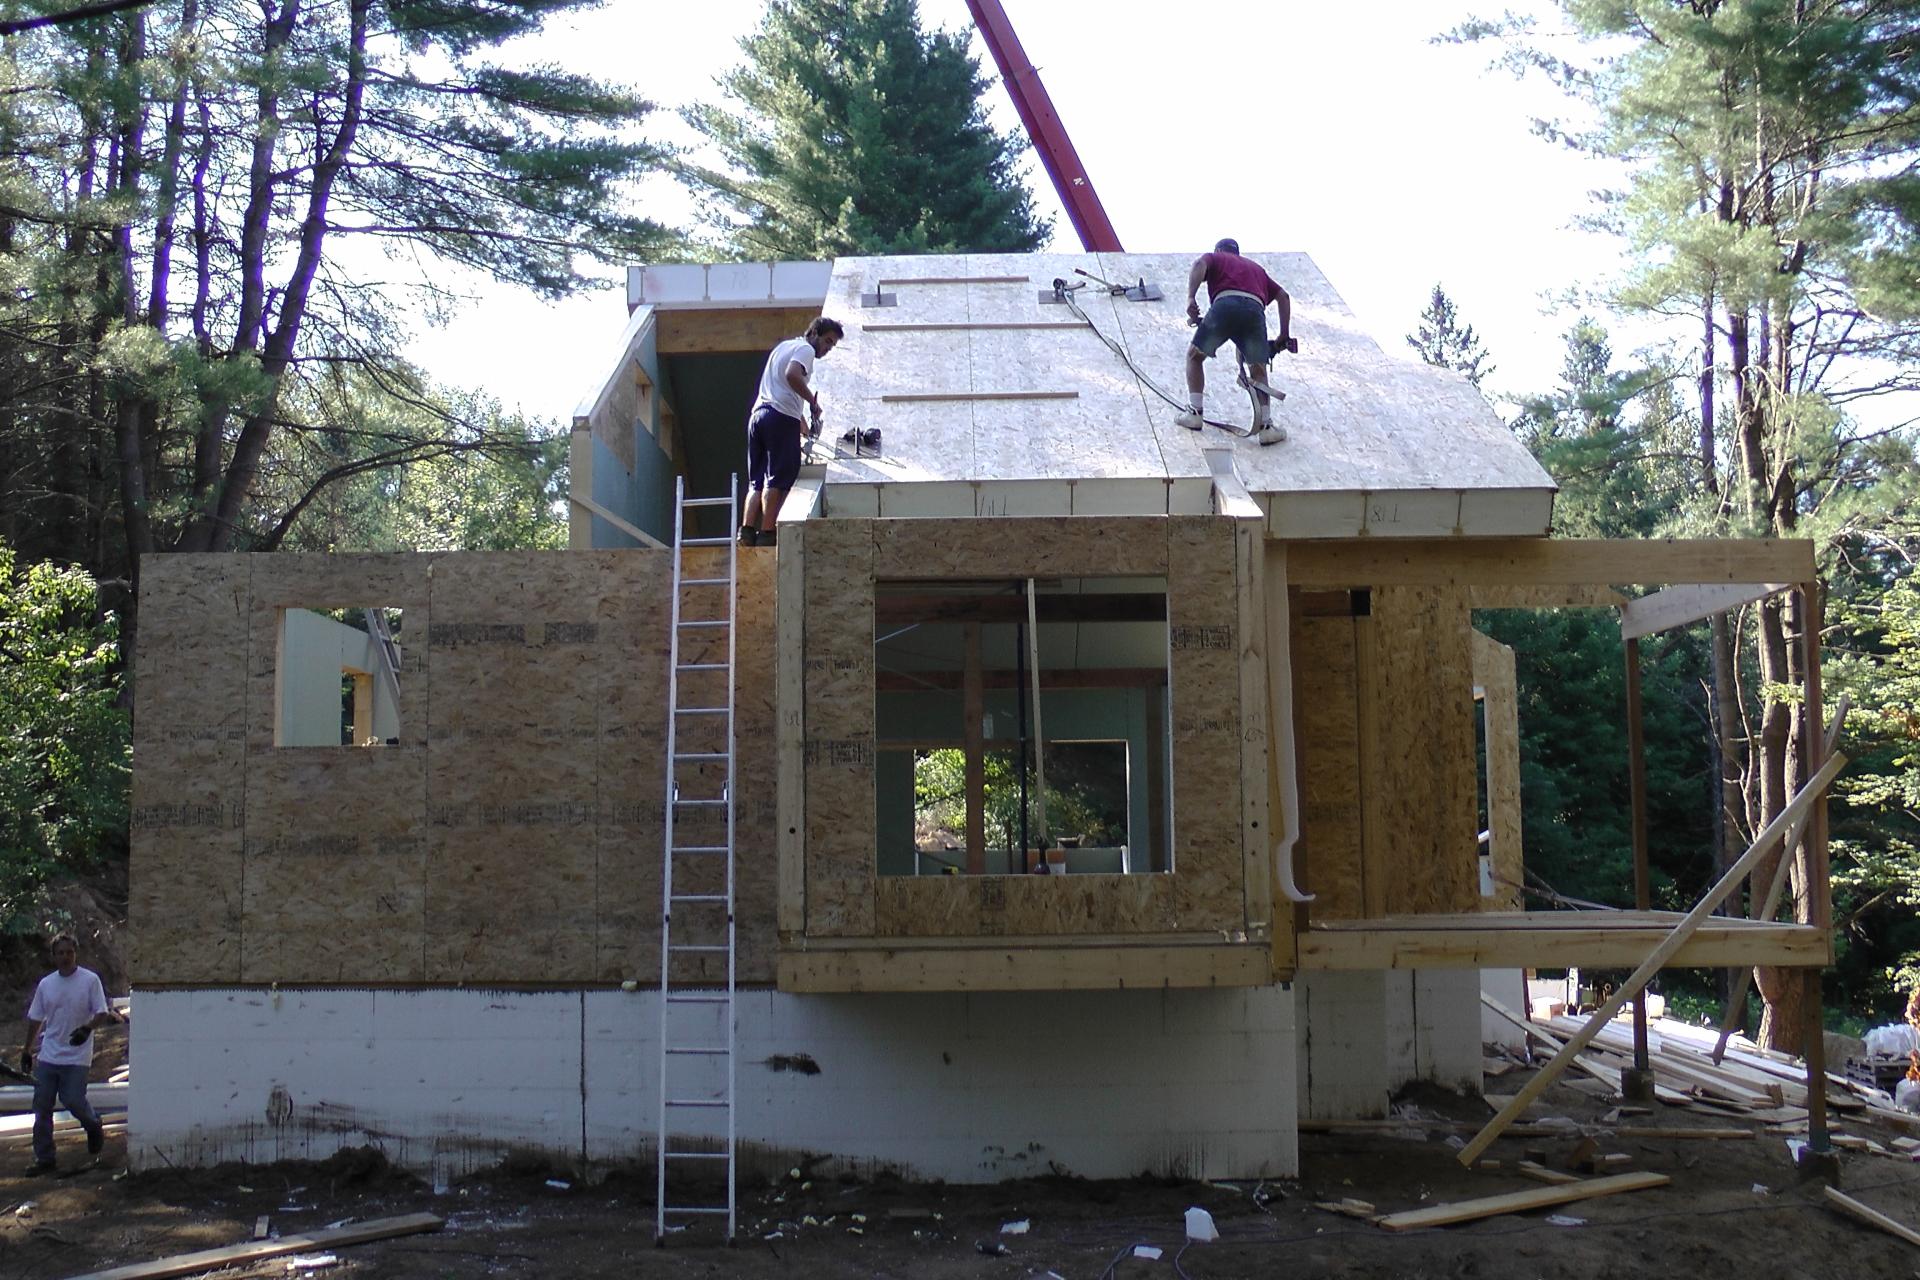 PIS ; Panneaux Isolés Structuraux; Panneaux de mur préfabriqué ;  Panneaux de toit préfabriqué ; Panneaux de Fondation préfabriqué ; Panneaux Isolés Structuraux de mur; Panneaux Isolés Structuraux de toit; Panneaux Isolés Structuraux de fondation;  Enveloppe du bâtiment durable ;  Enveloppe du bâtiment préfabriqué; Enveloppe du bâtiment vert; Panneaux Banerpan; Bâtiments verts ; Bâtiments durables ; Constructions Verts ;